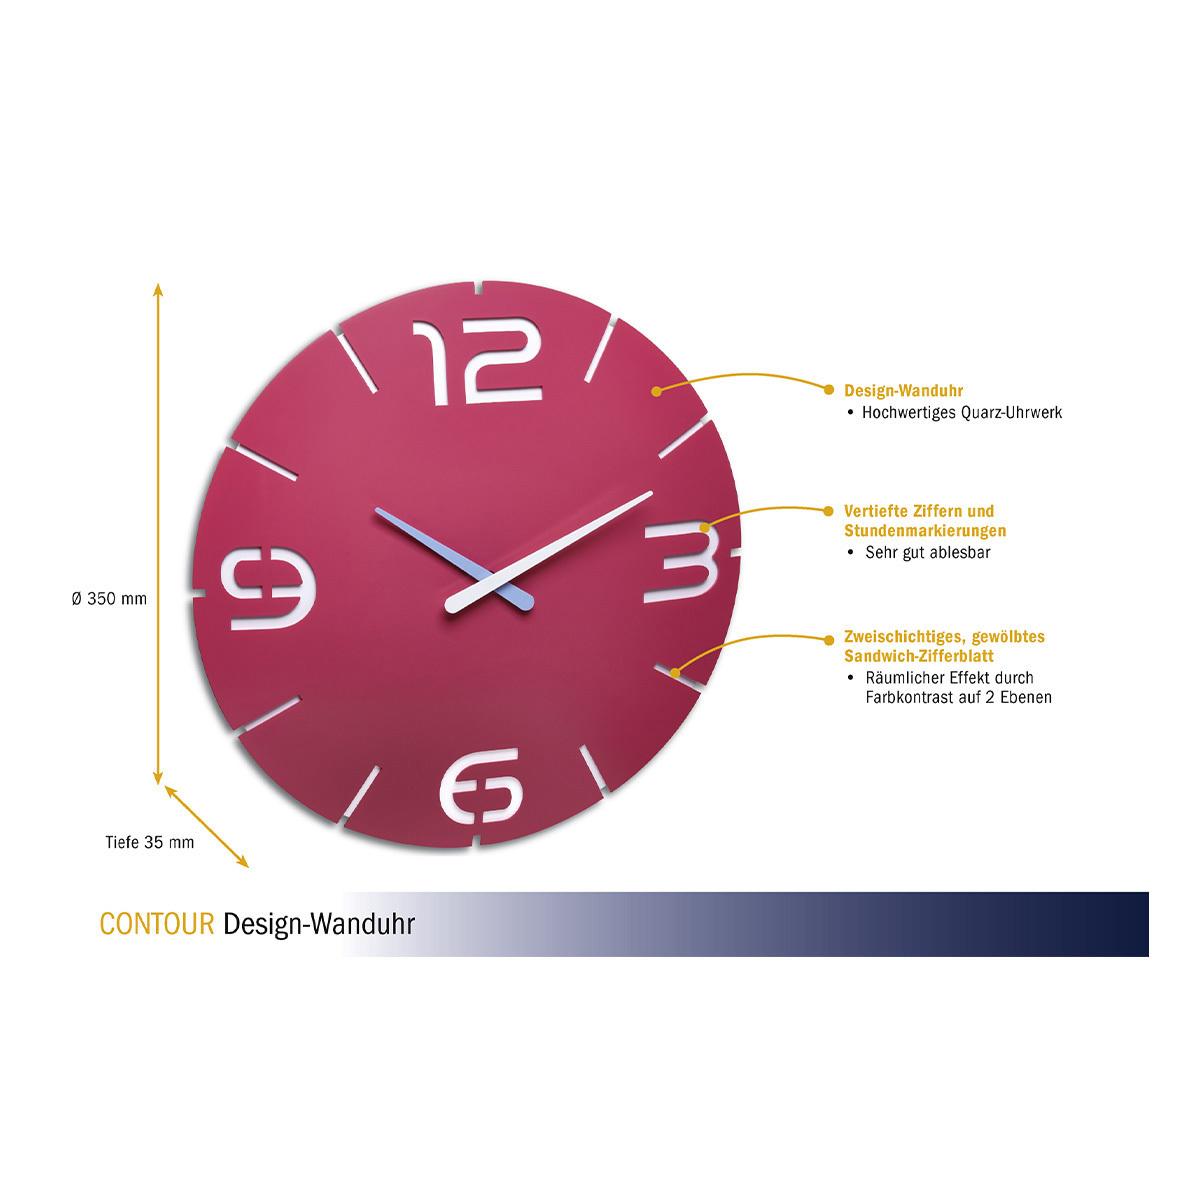 60-3047-12-design-wanduhr-contour-abmessungen-1200x1200px.jpg